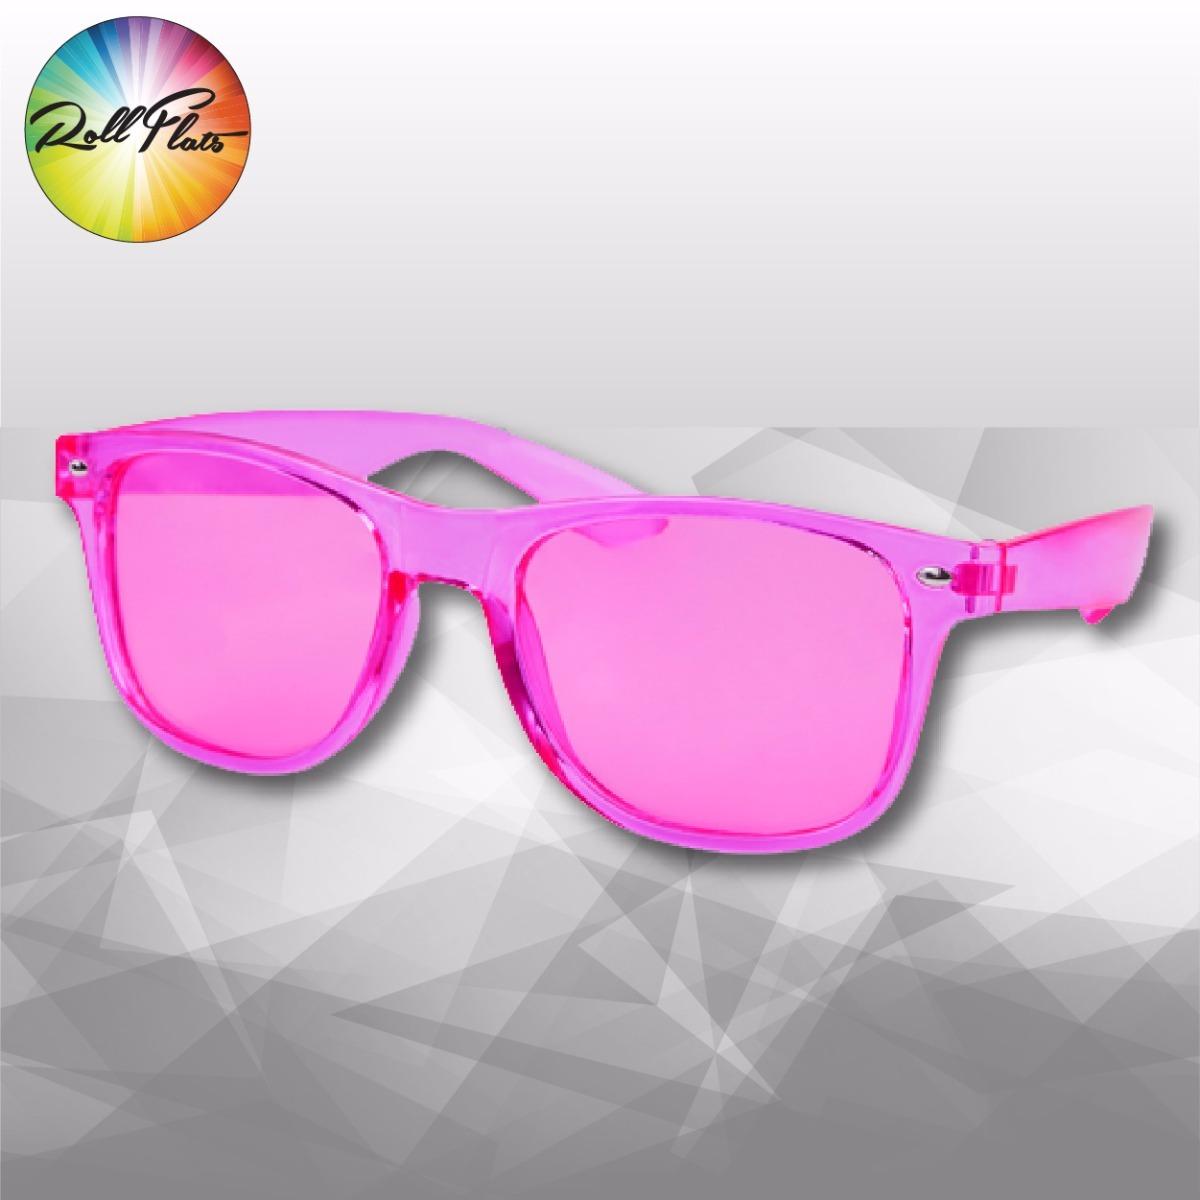 ca33d64448 Lentes Gafas Personalizados Boda Eventos Quinceañera - $ 59.00 en ...